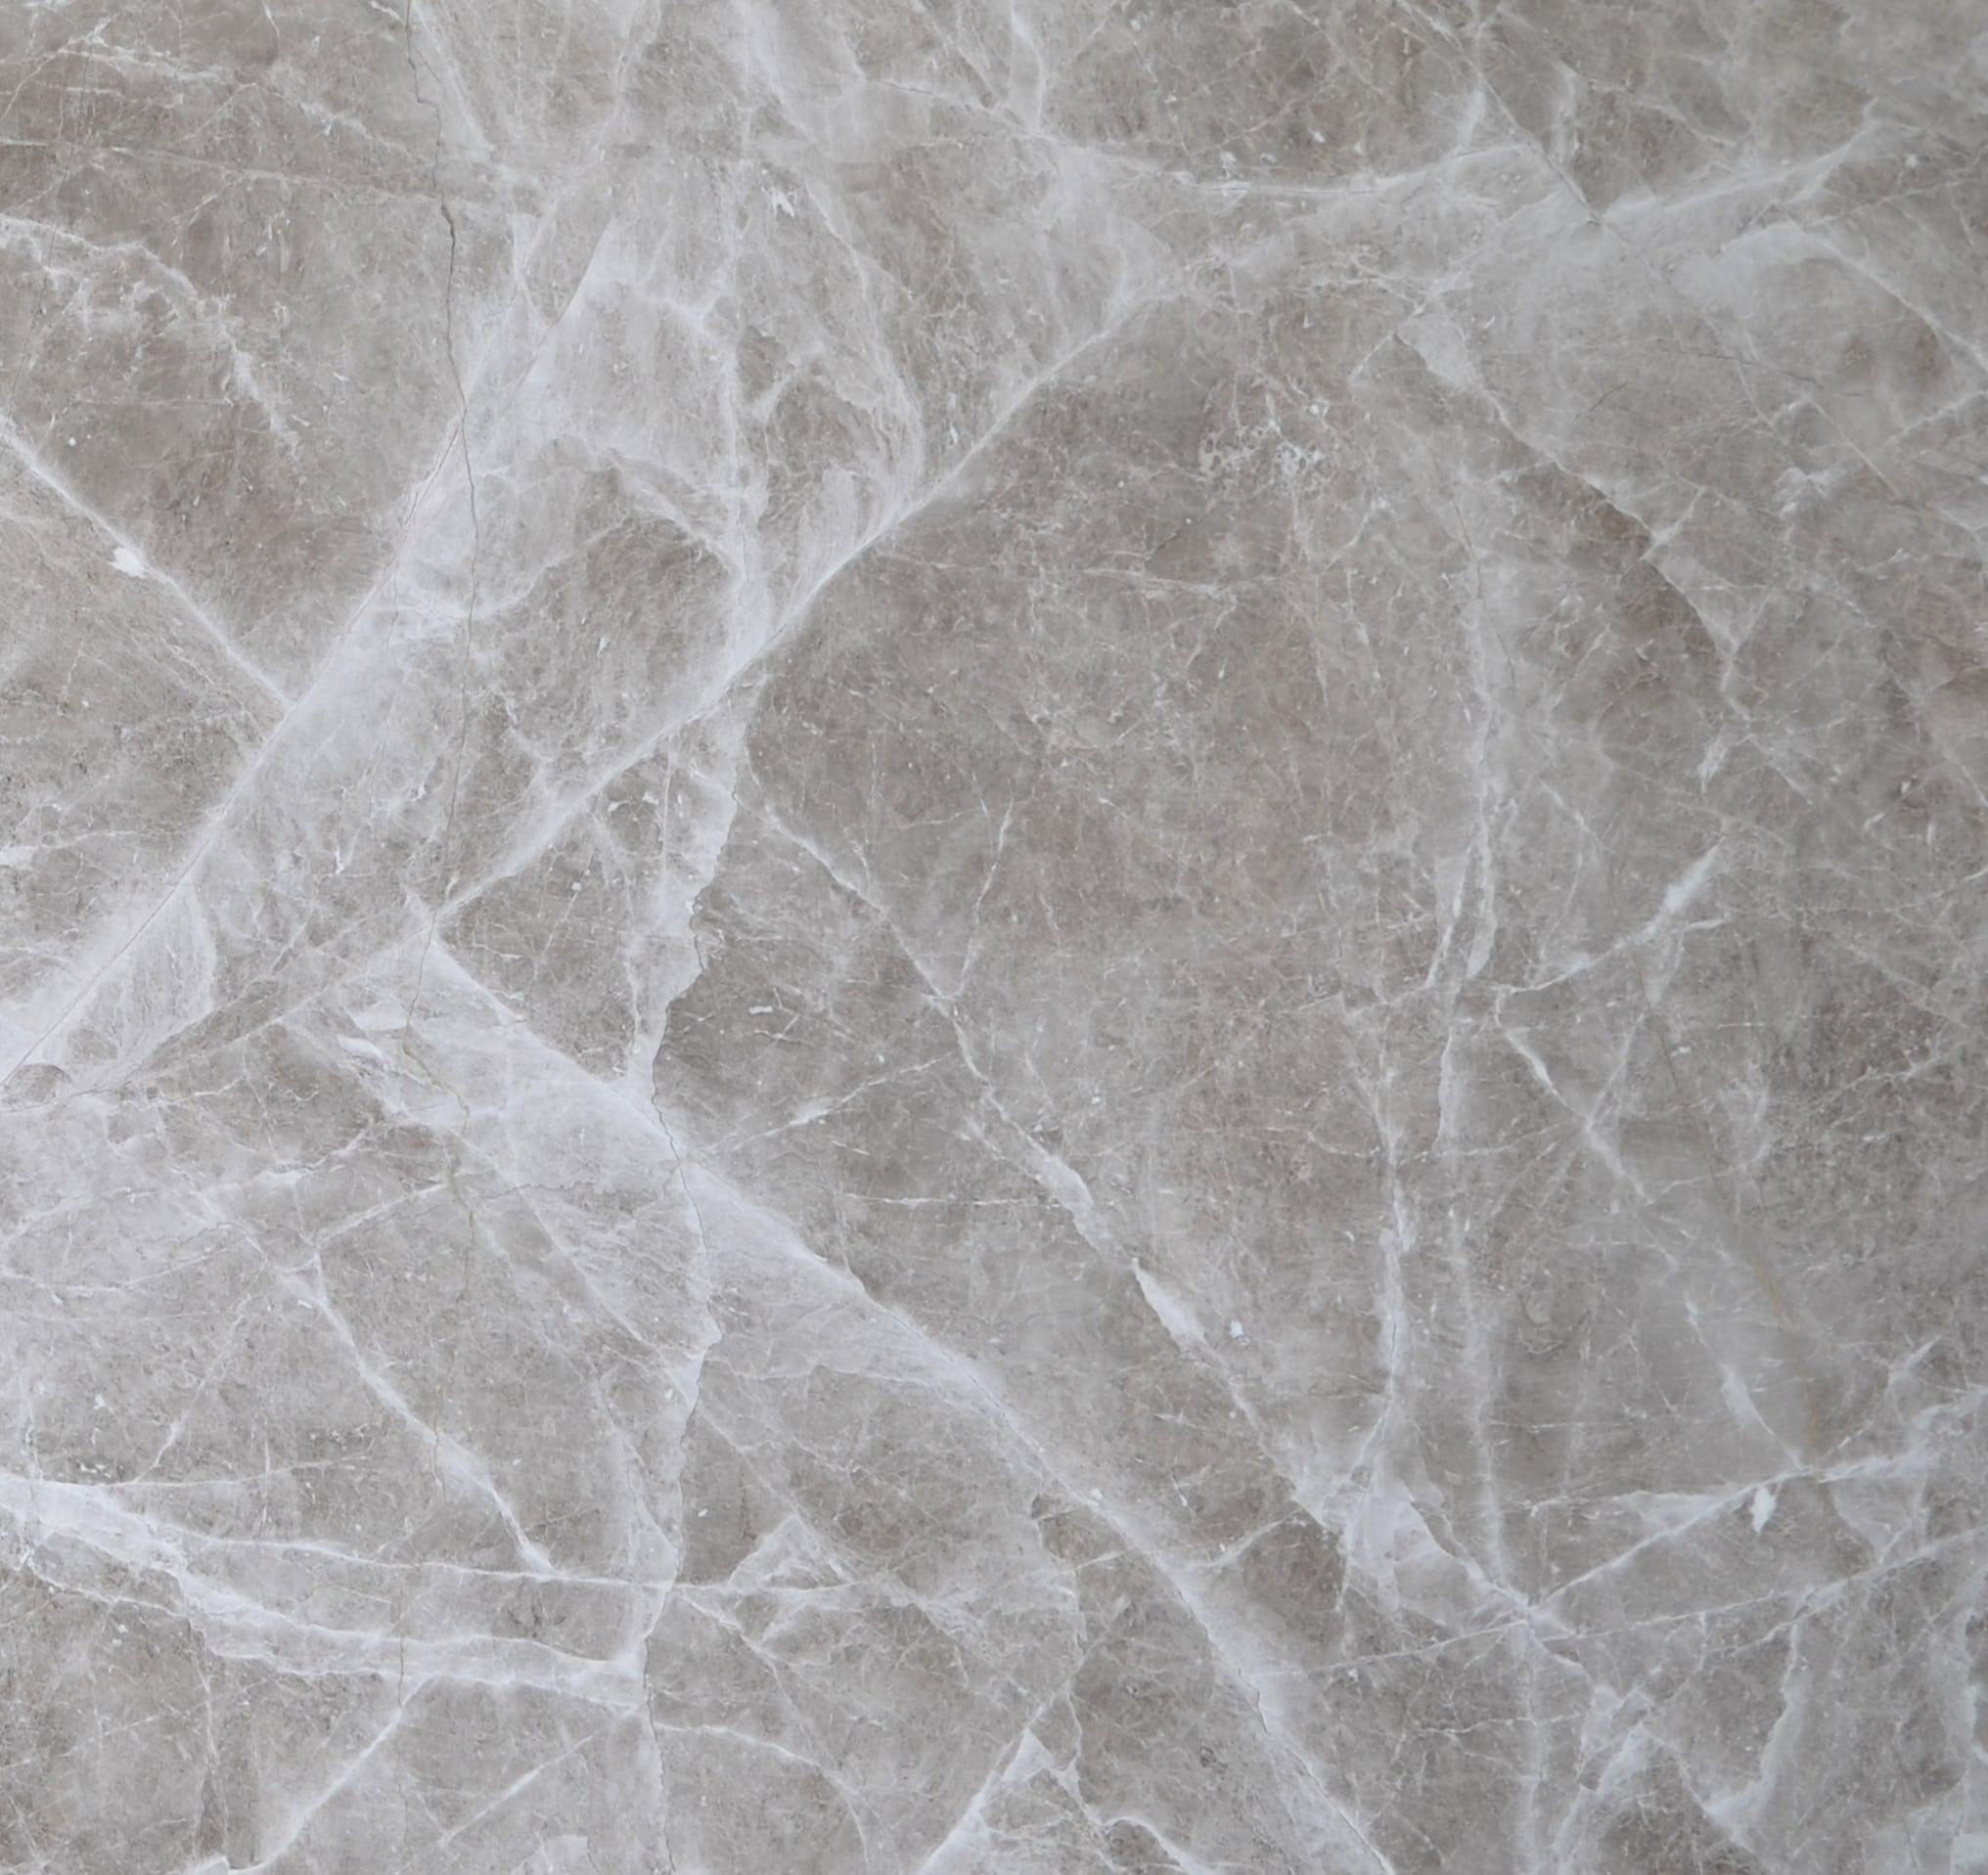 aman grey marmore cinza